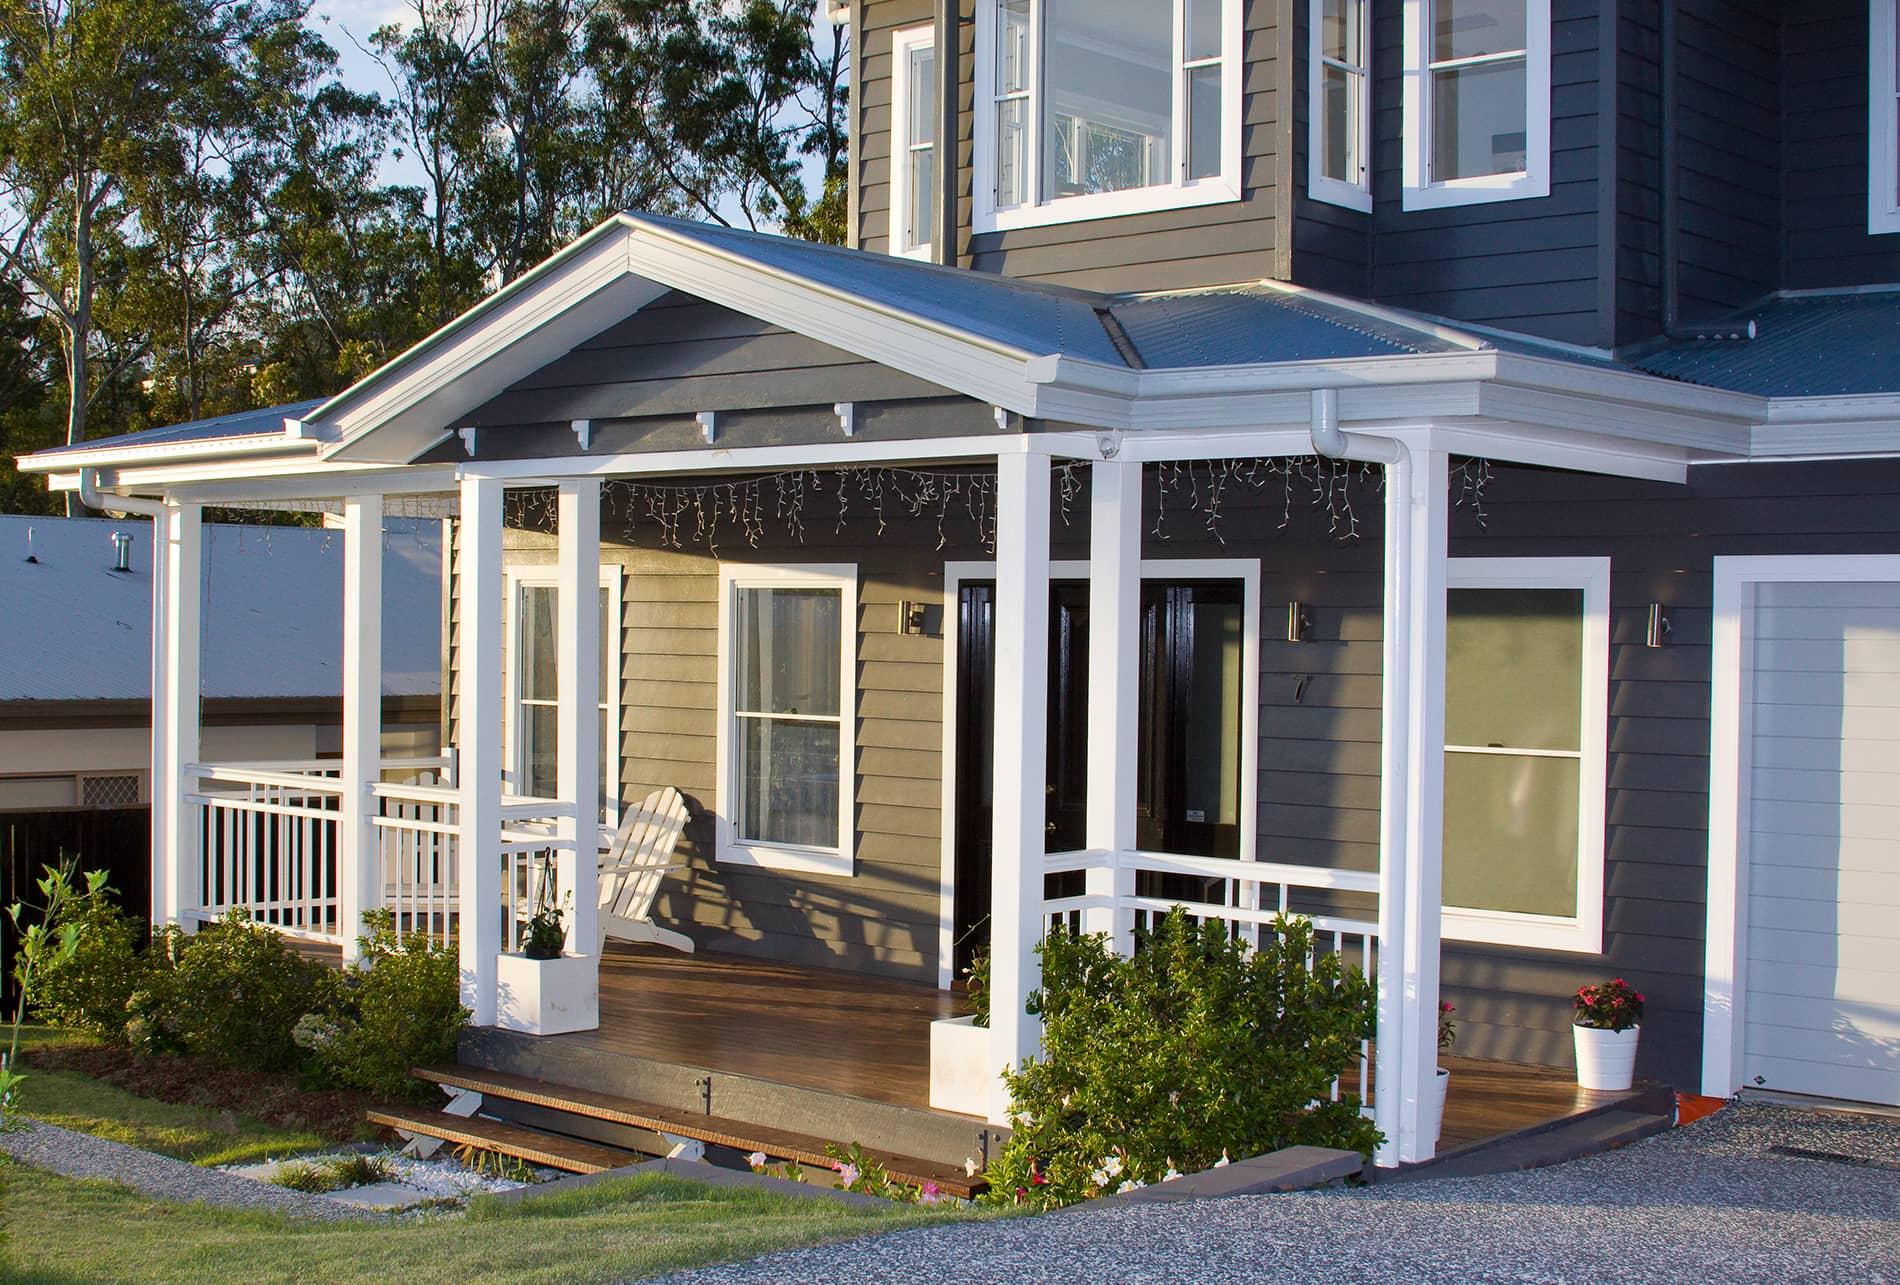 Hamptons inspired traditional queenslanders for Queenslander home designs australia